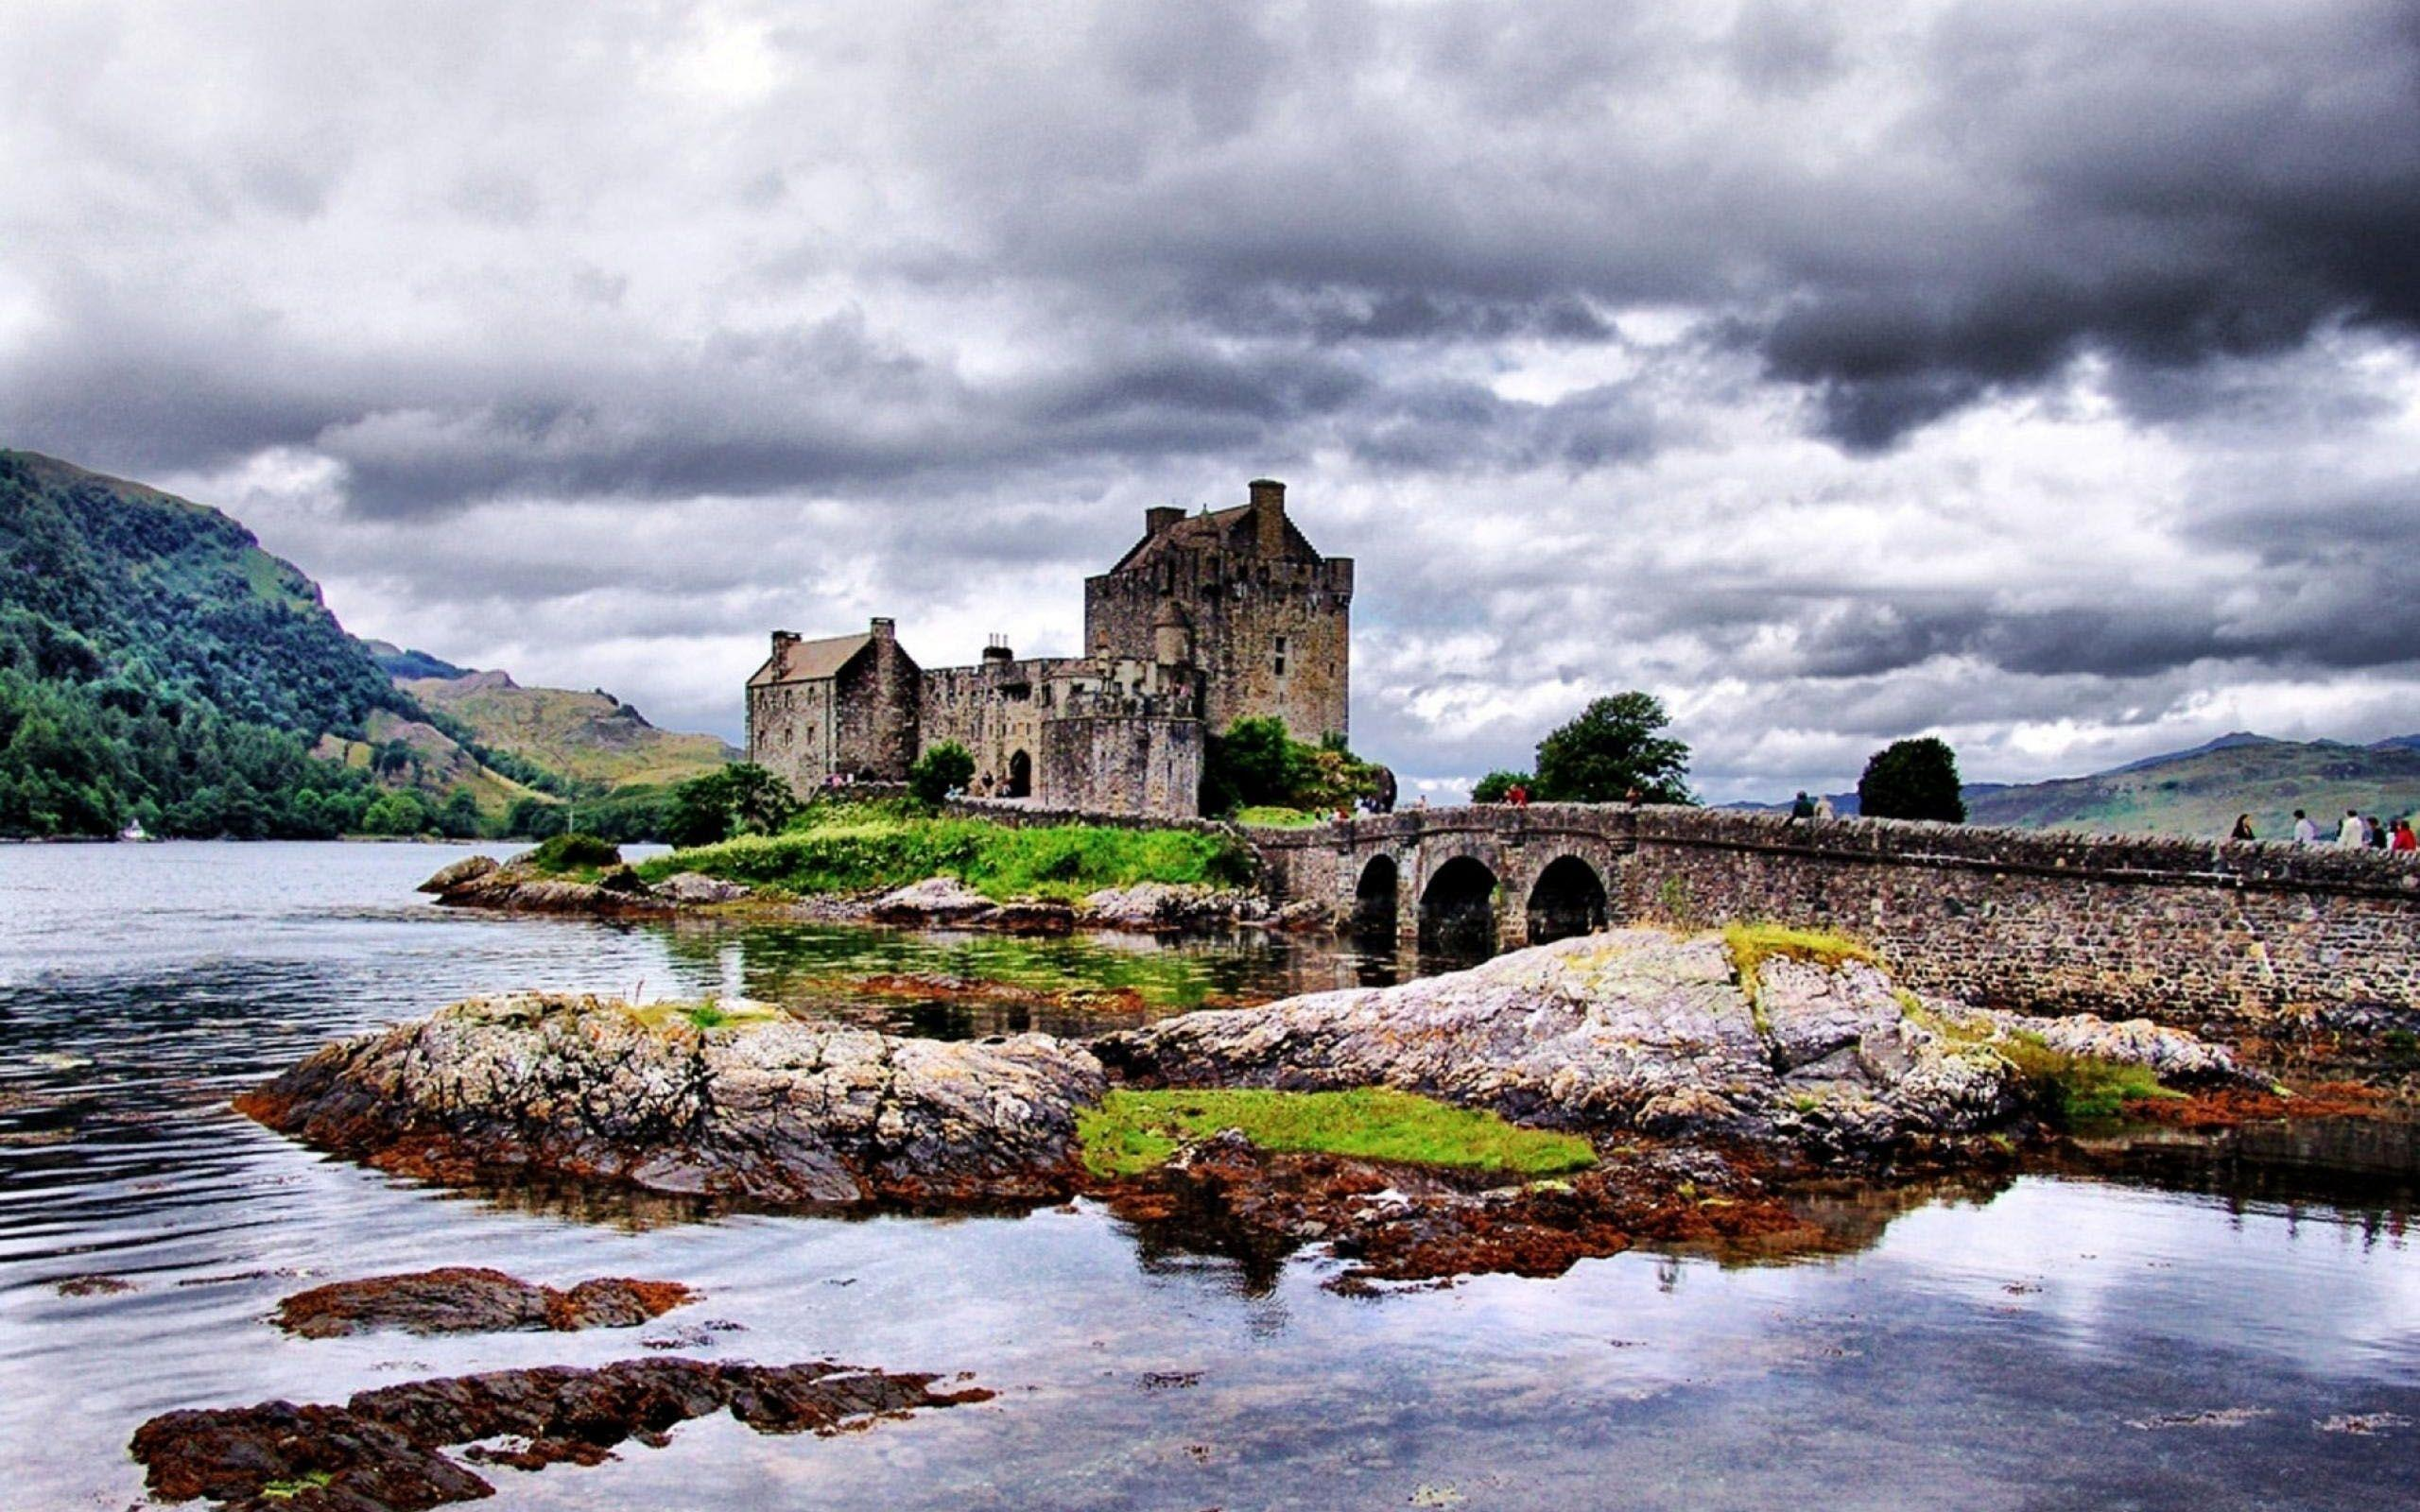 Scotland hd wallpapers wallpaper cave - Scotland wallpaper ...